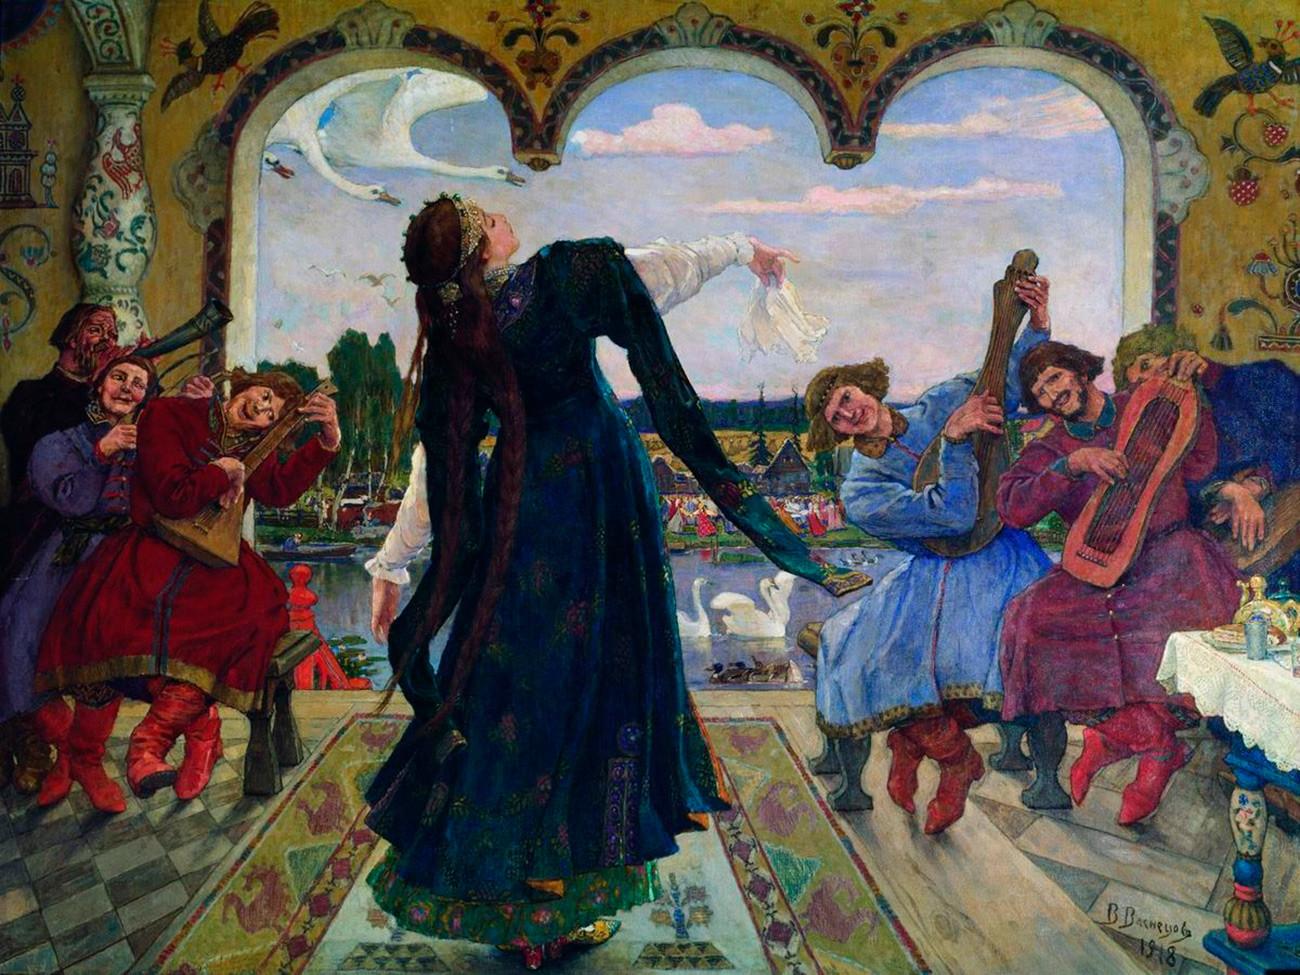 La Principessa Rana di Viktor Vasnetsov